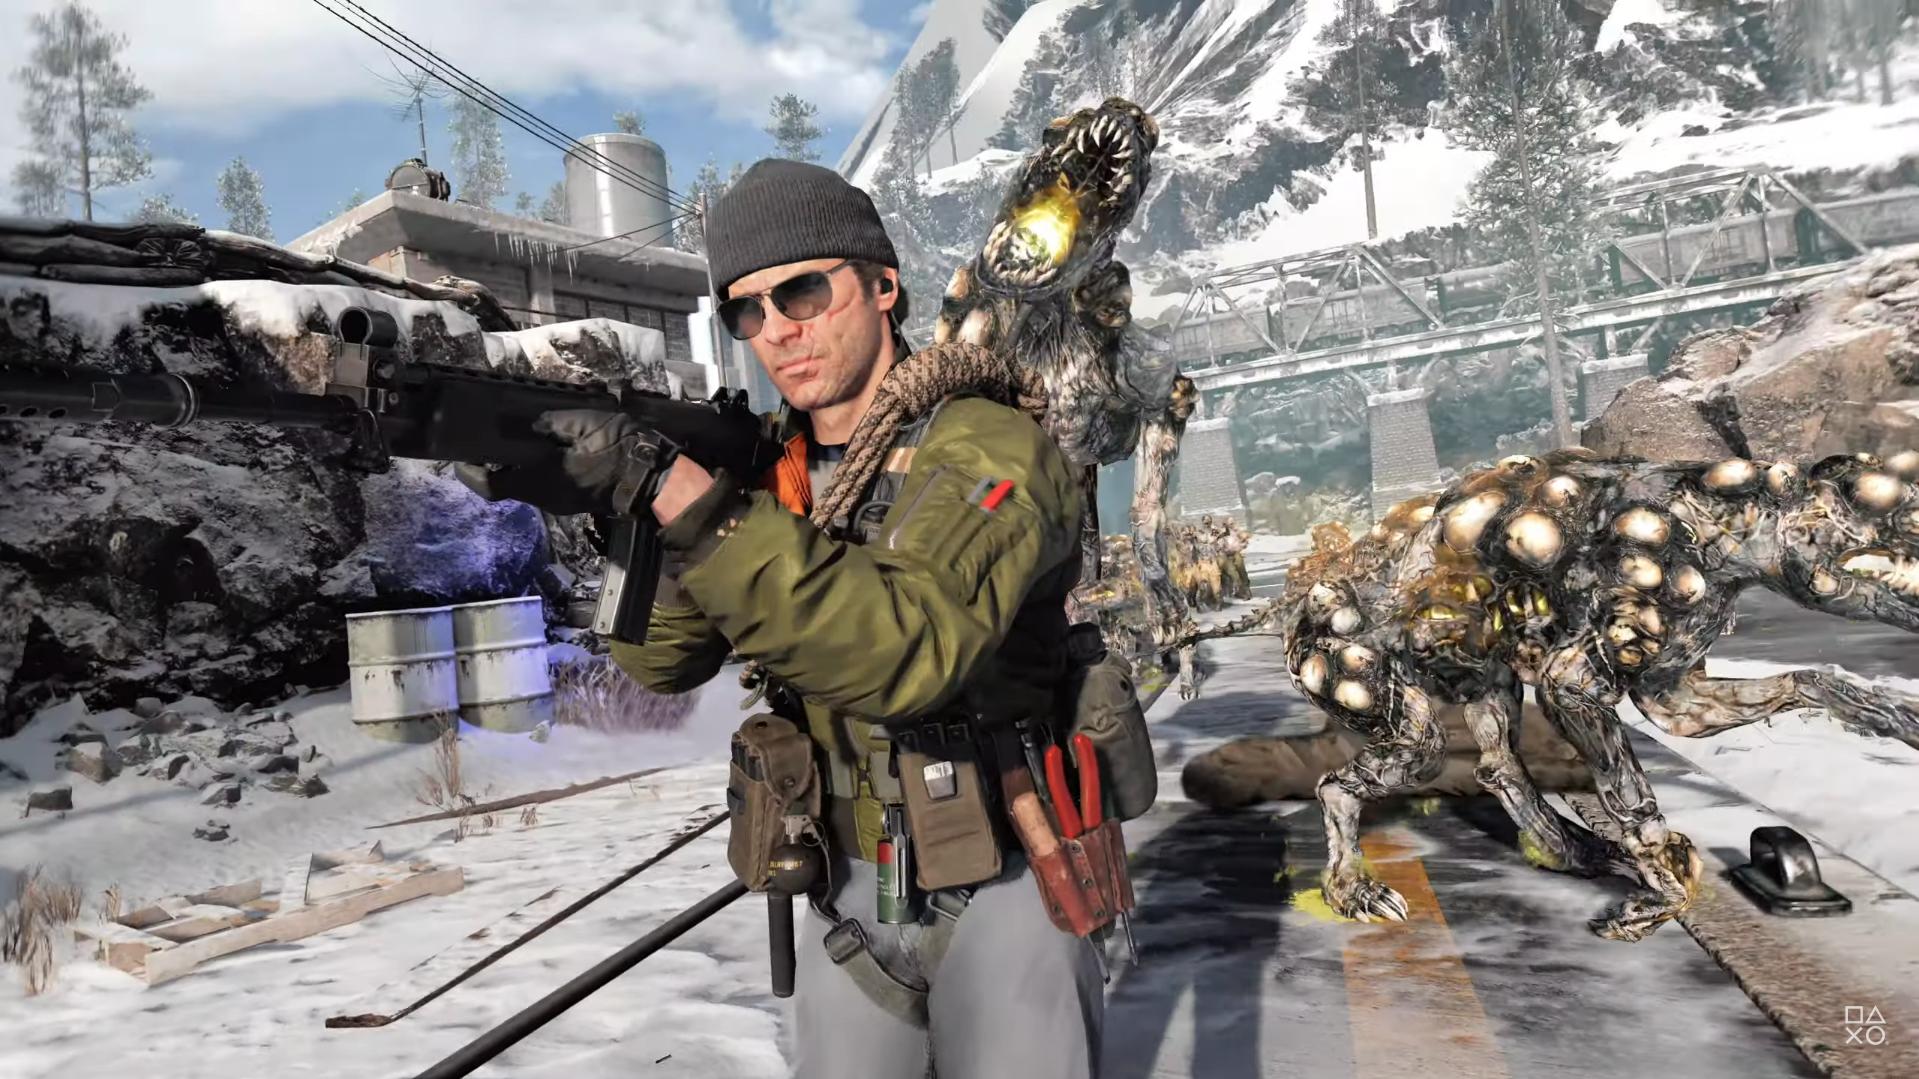 Sony договорилась за эксклюзивный зомби-режим в Black Ops Cold War для игроков на PlayStation 4 и PlayStation 5